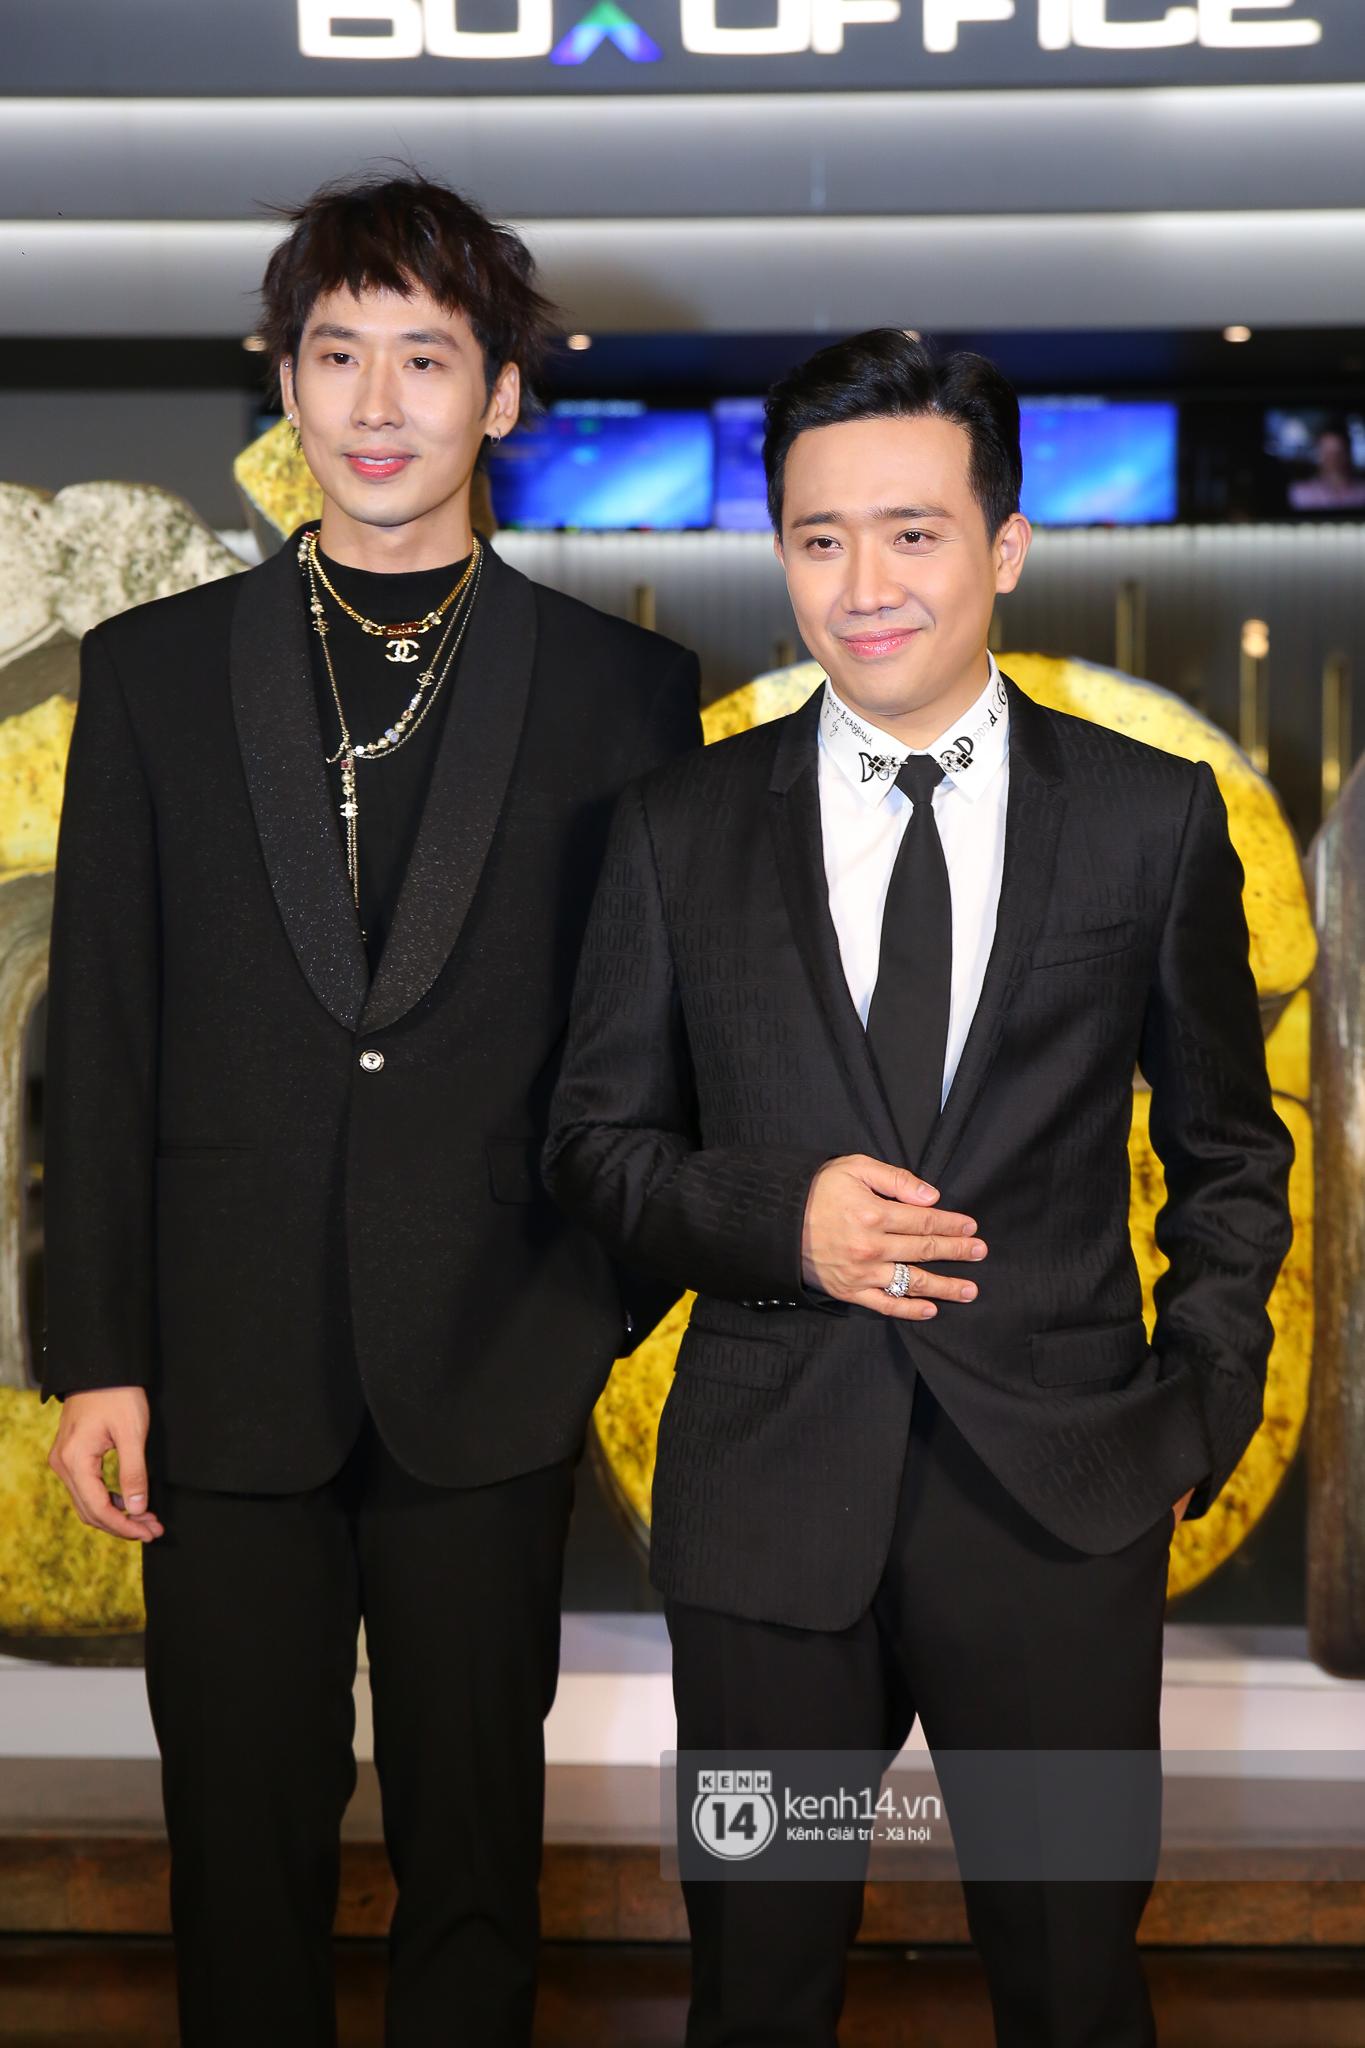 Cặp đôi nhà Đông Nhi, Lệ Quyên thi nhau show ân ái không kém cạnh Trấn Thành - Hariwon ở siêu thảm đỏ Bố Già - Ảnh 1.